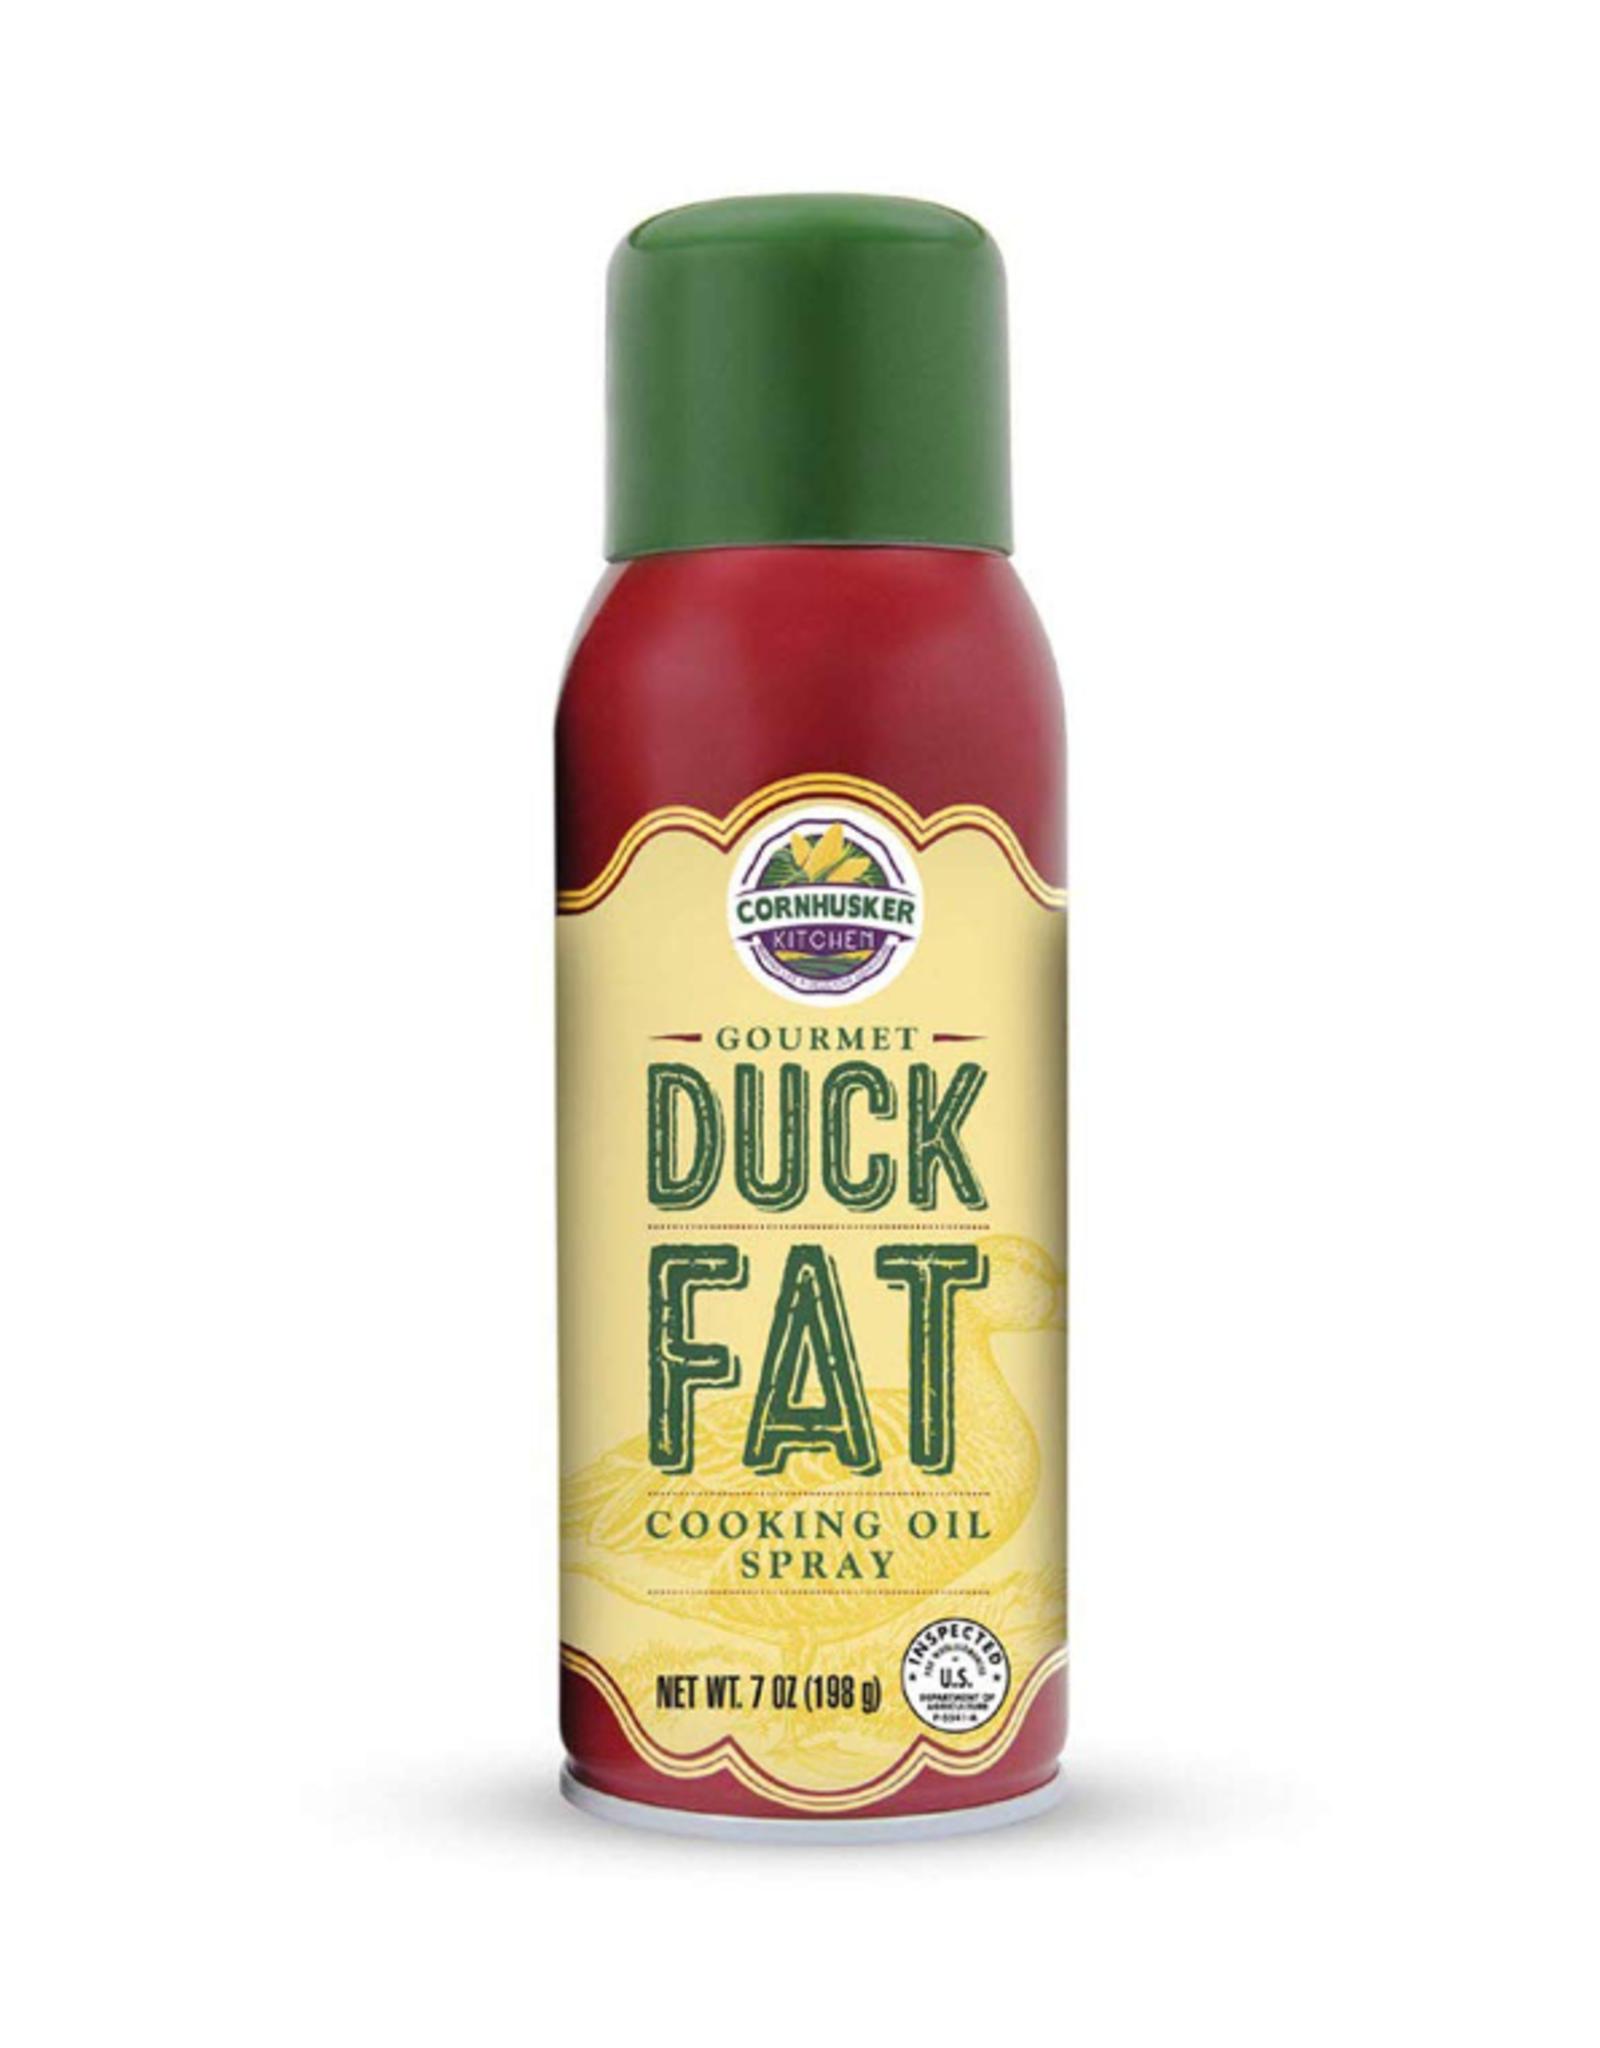 Cornhusker Kitchen Duck Fat Cooking Oil Spray, 7oz